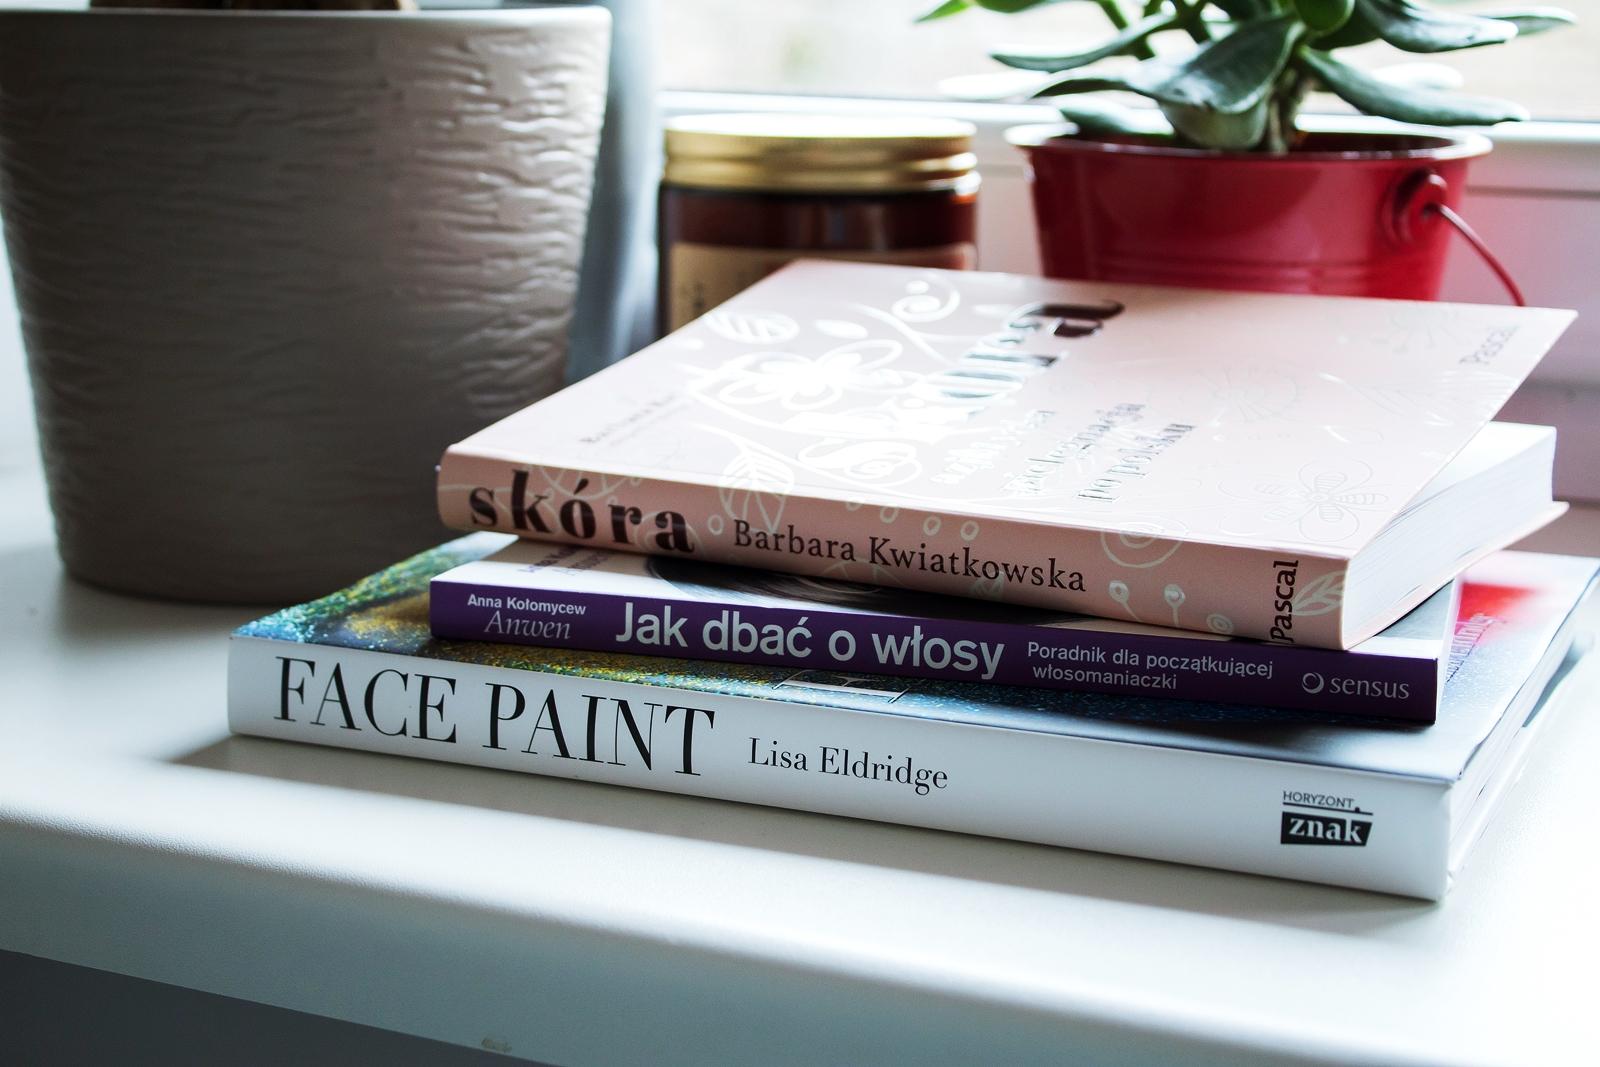 Ostatni miesiąc | Luty 2018 - Kiehl's, Yves Rocher, L'occiatne, Pai